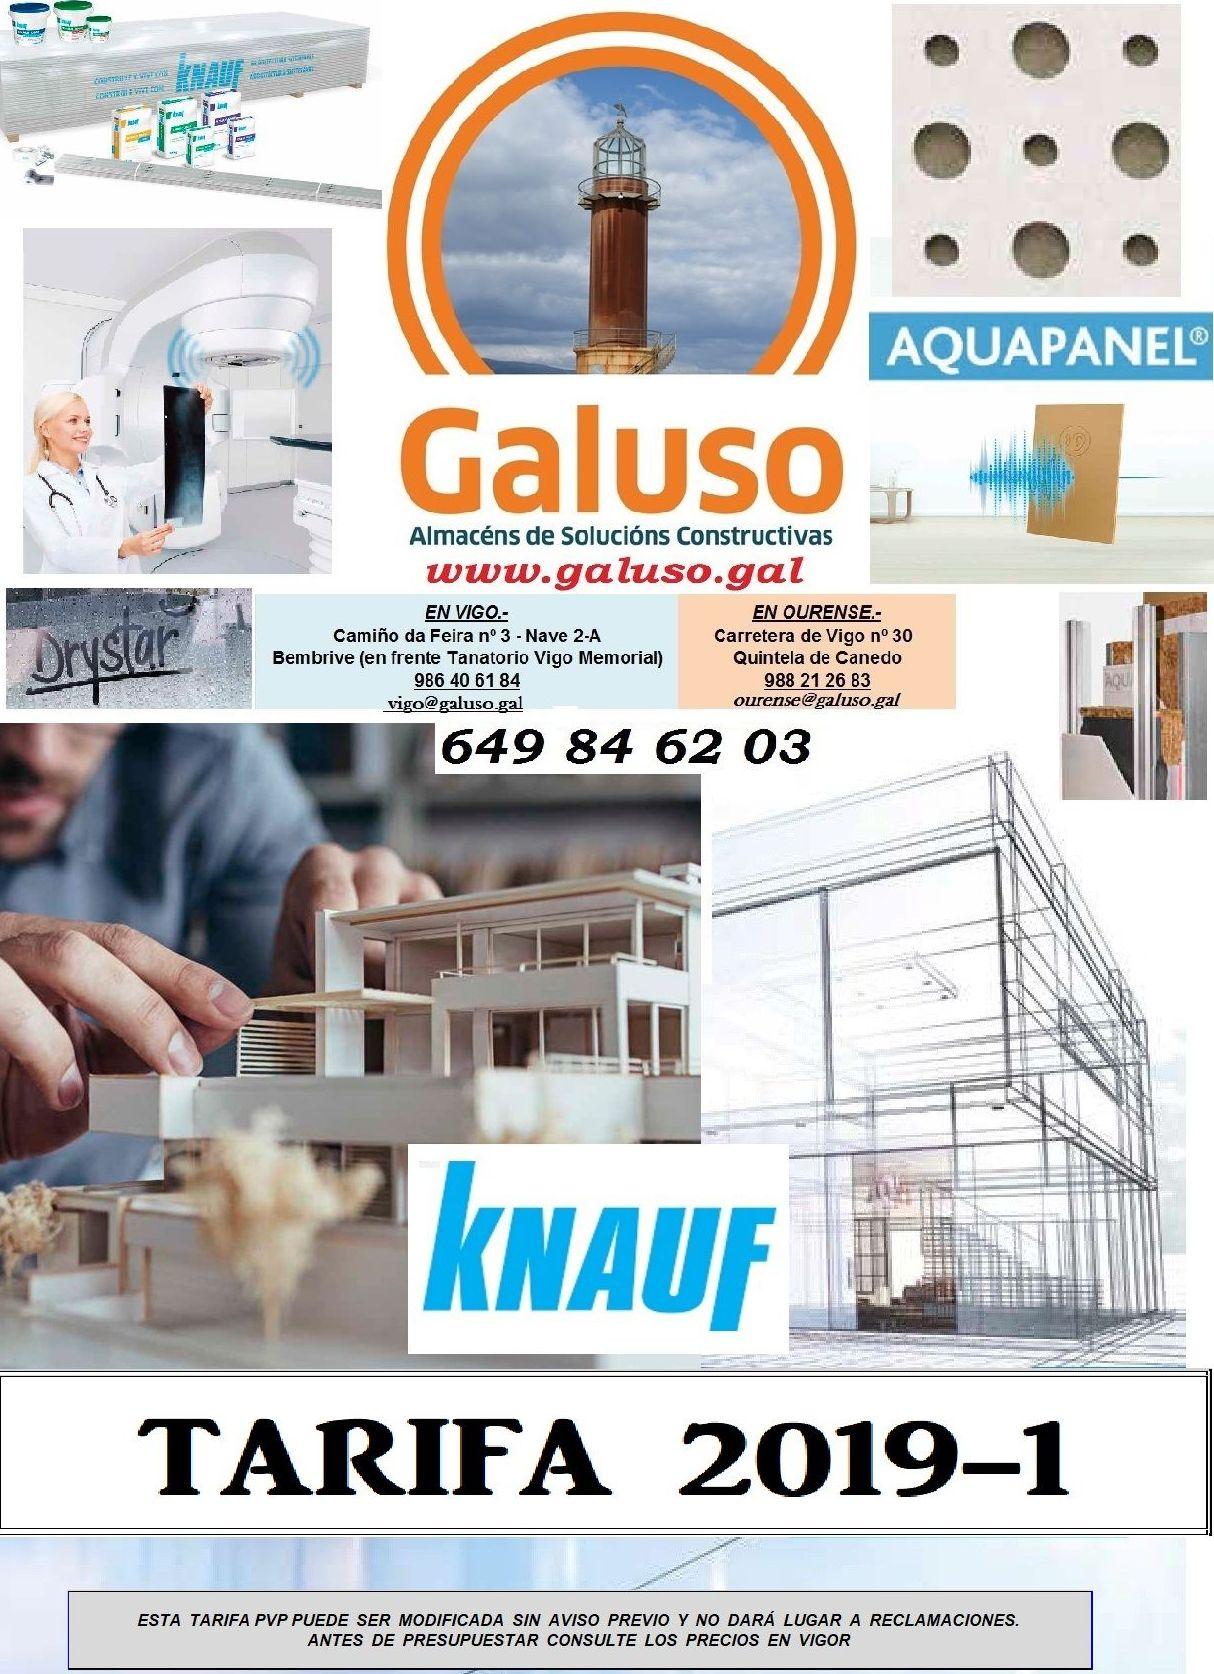 TARIFAS KNAUF 2019-1